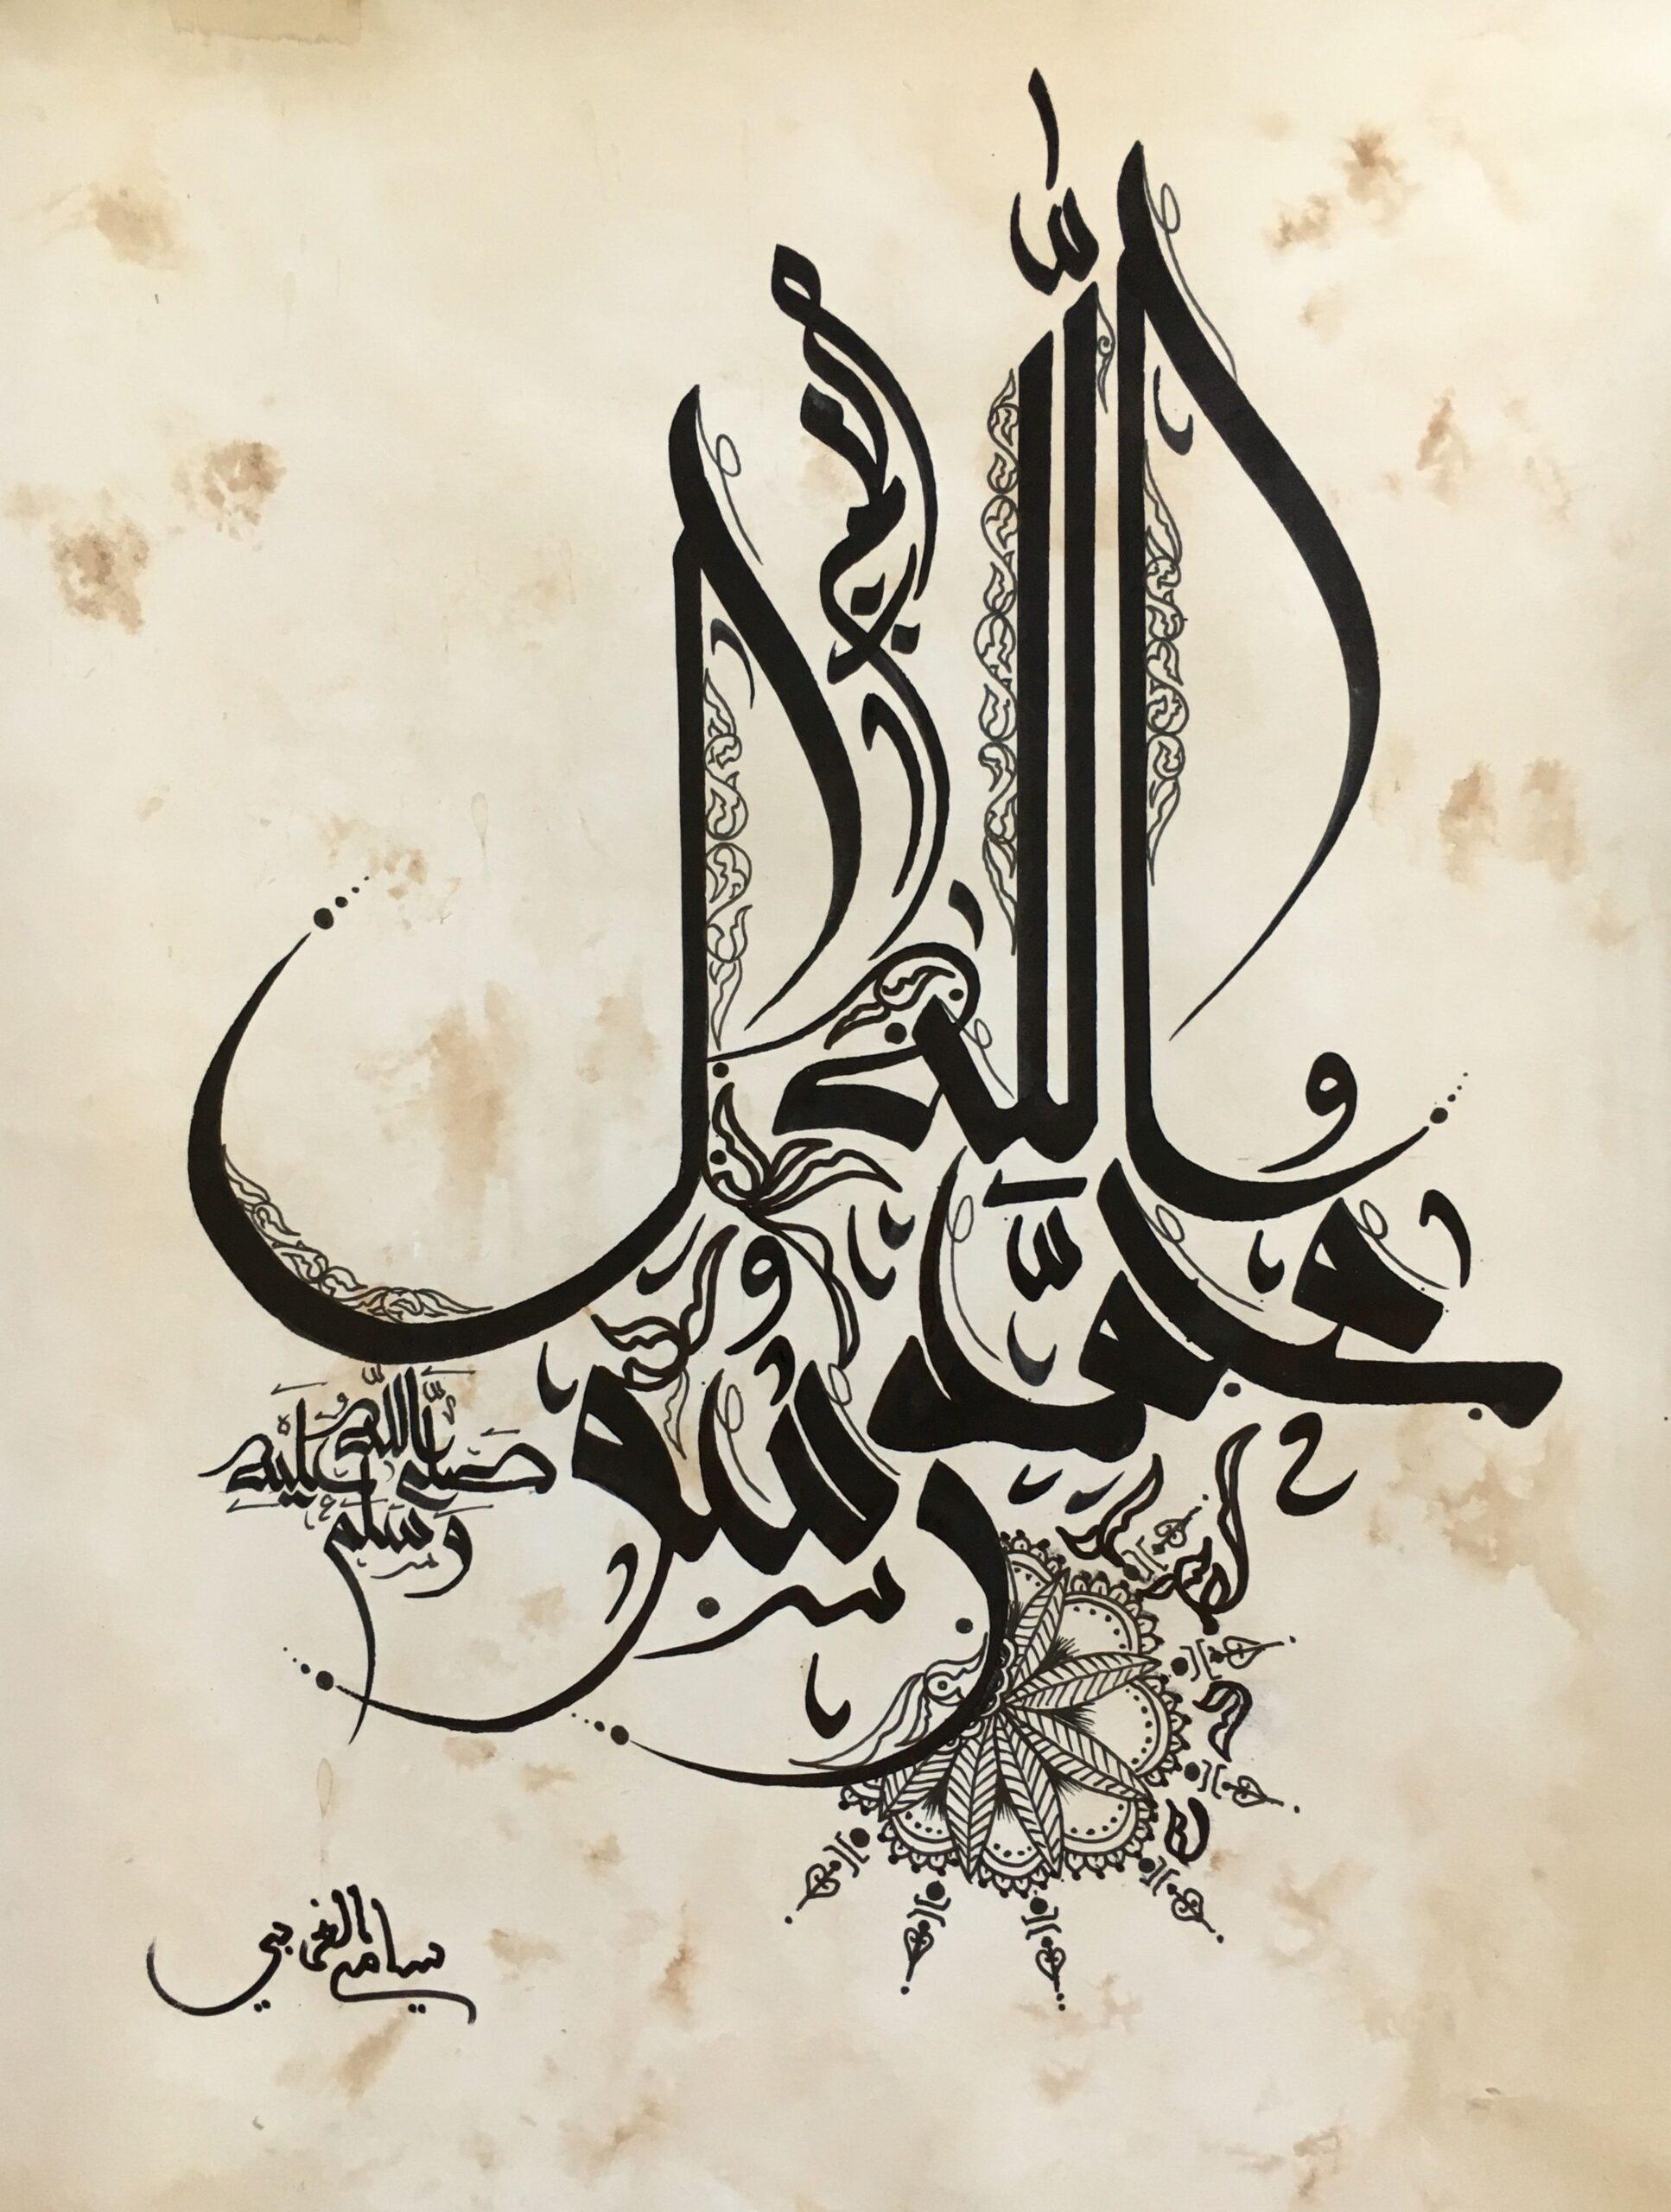 معرض إفتراضي للخط العربي الإسلامي